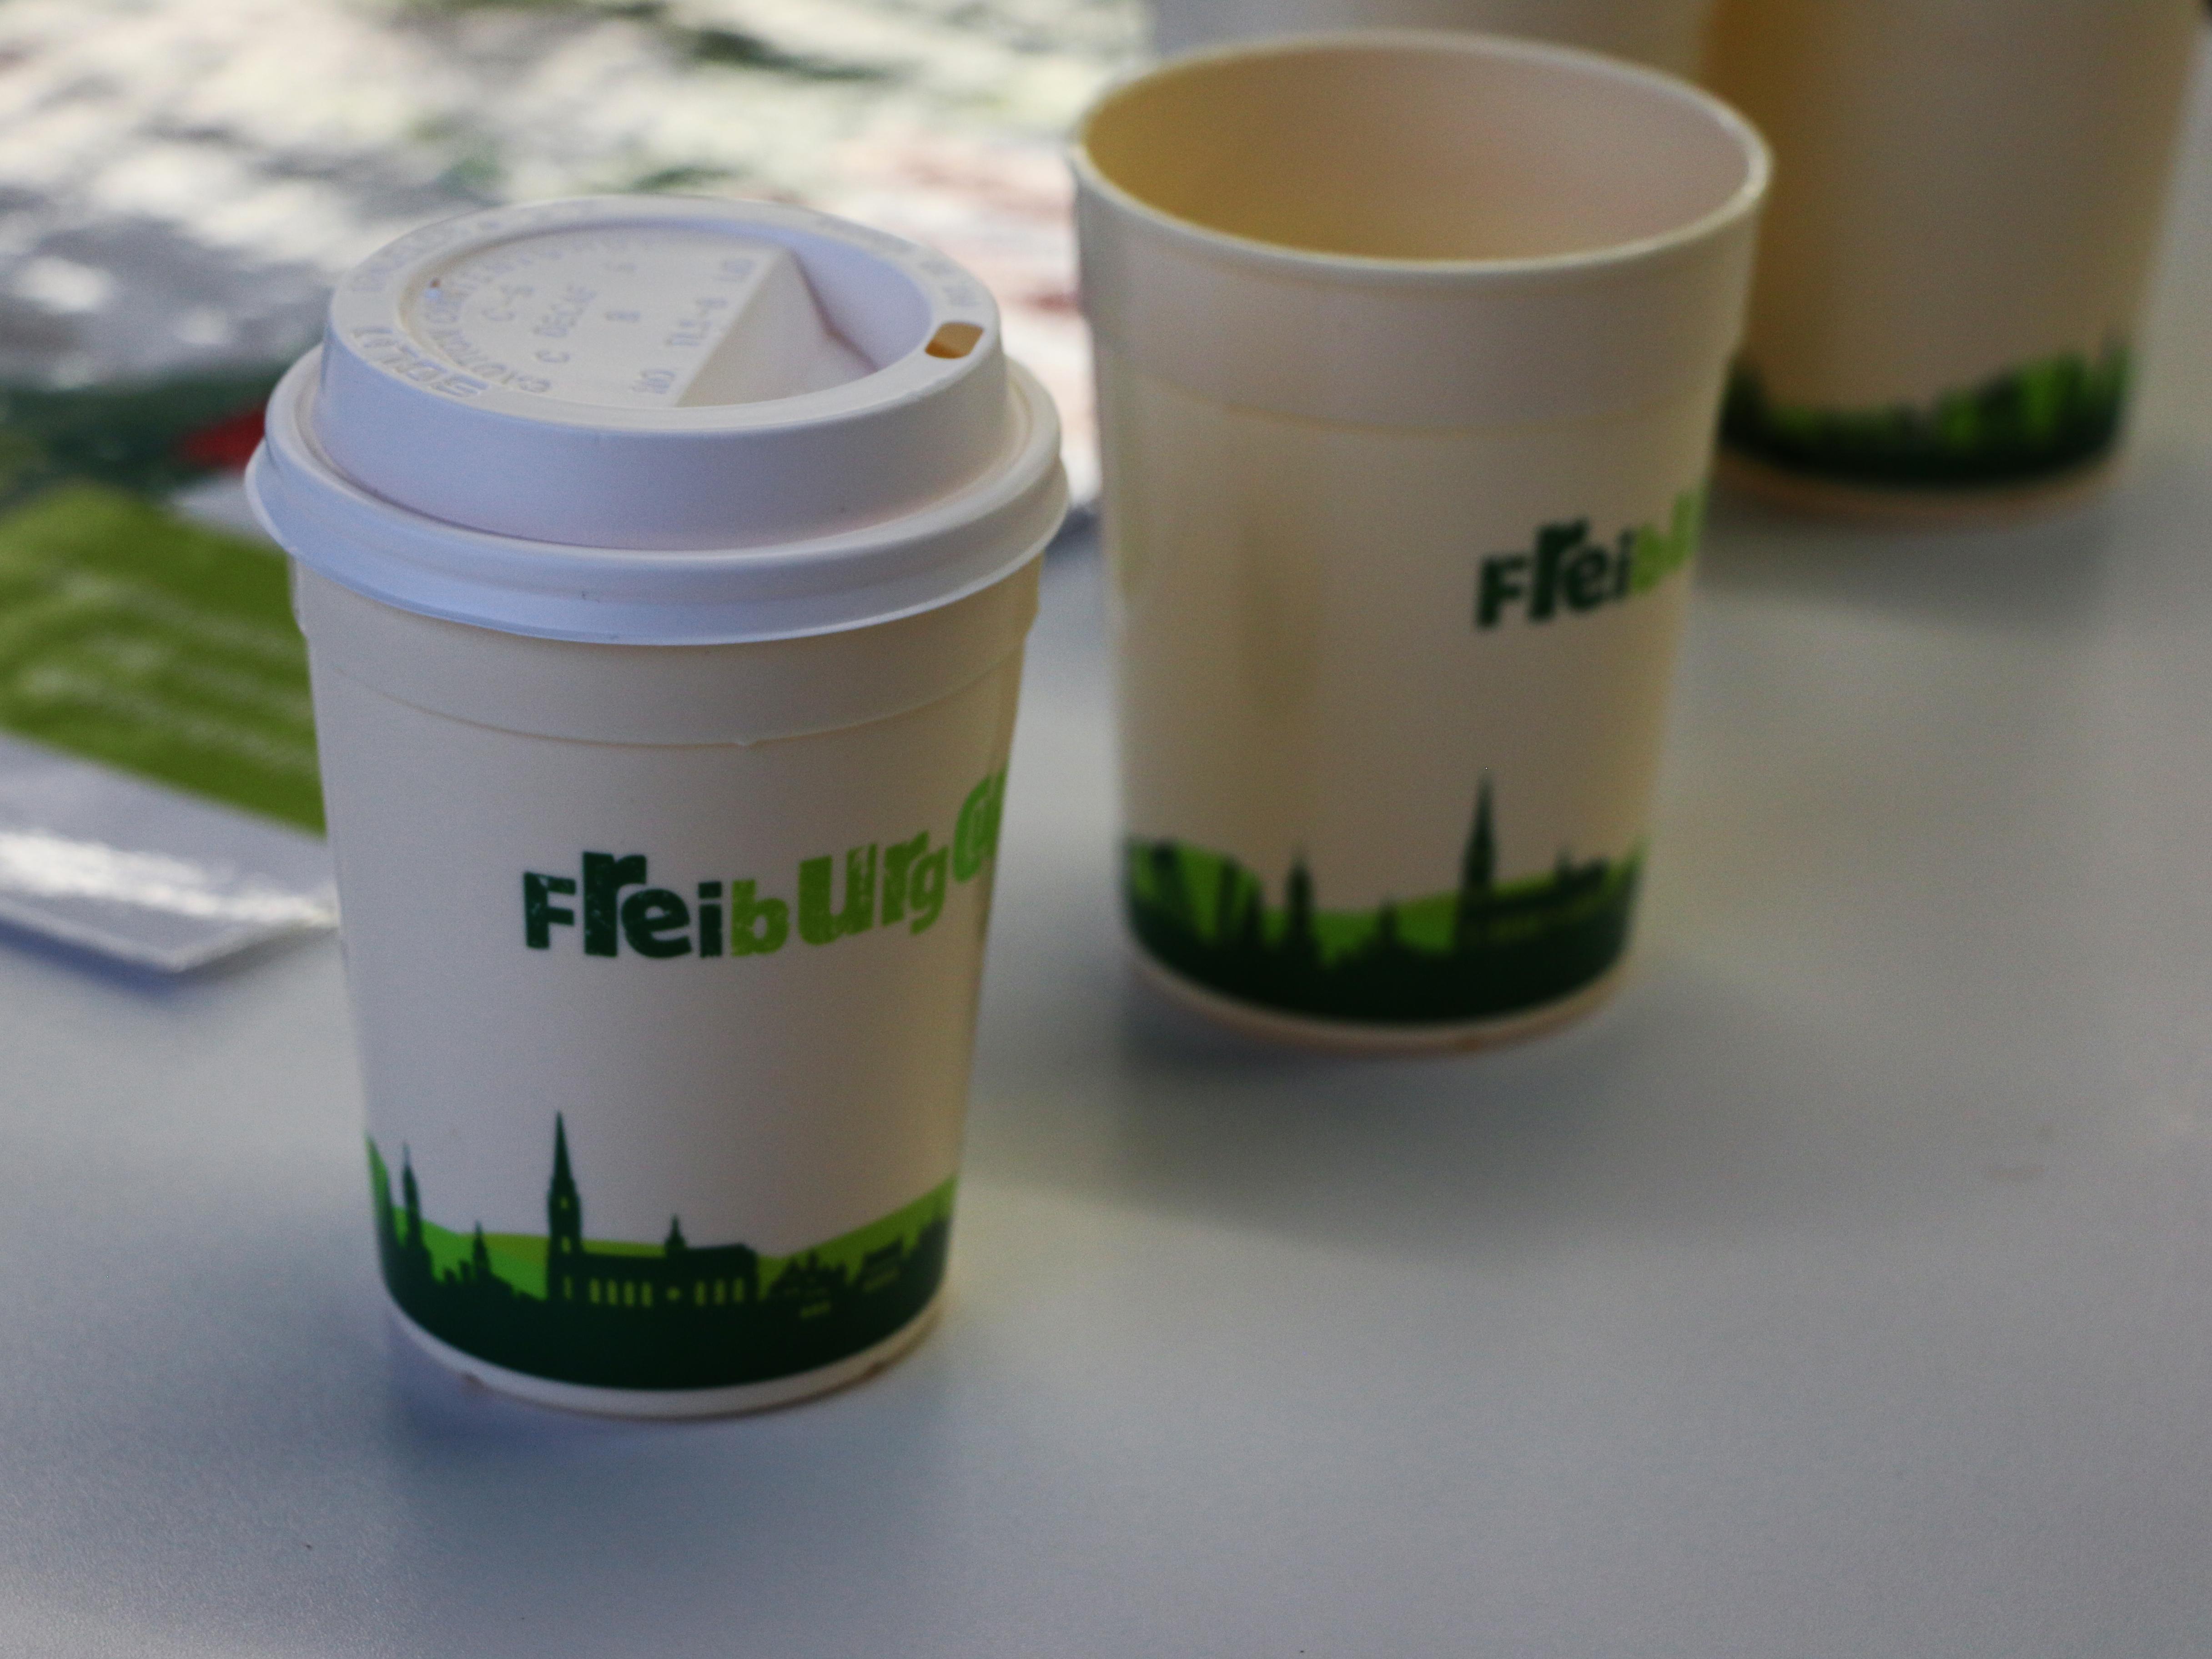 Der neue Freiburg-Cup